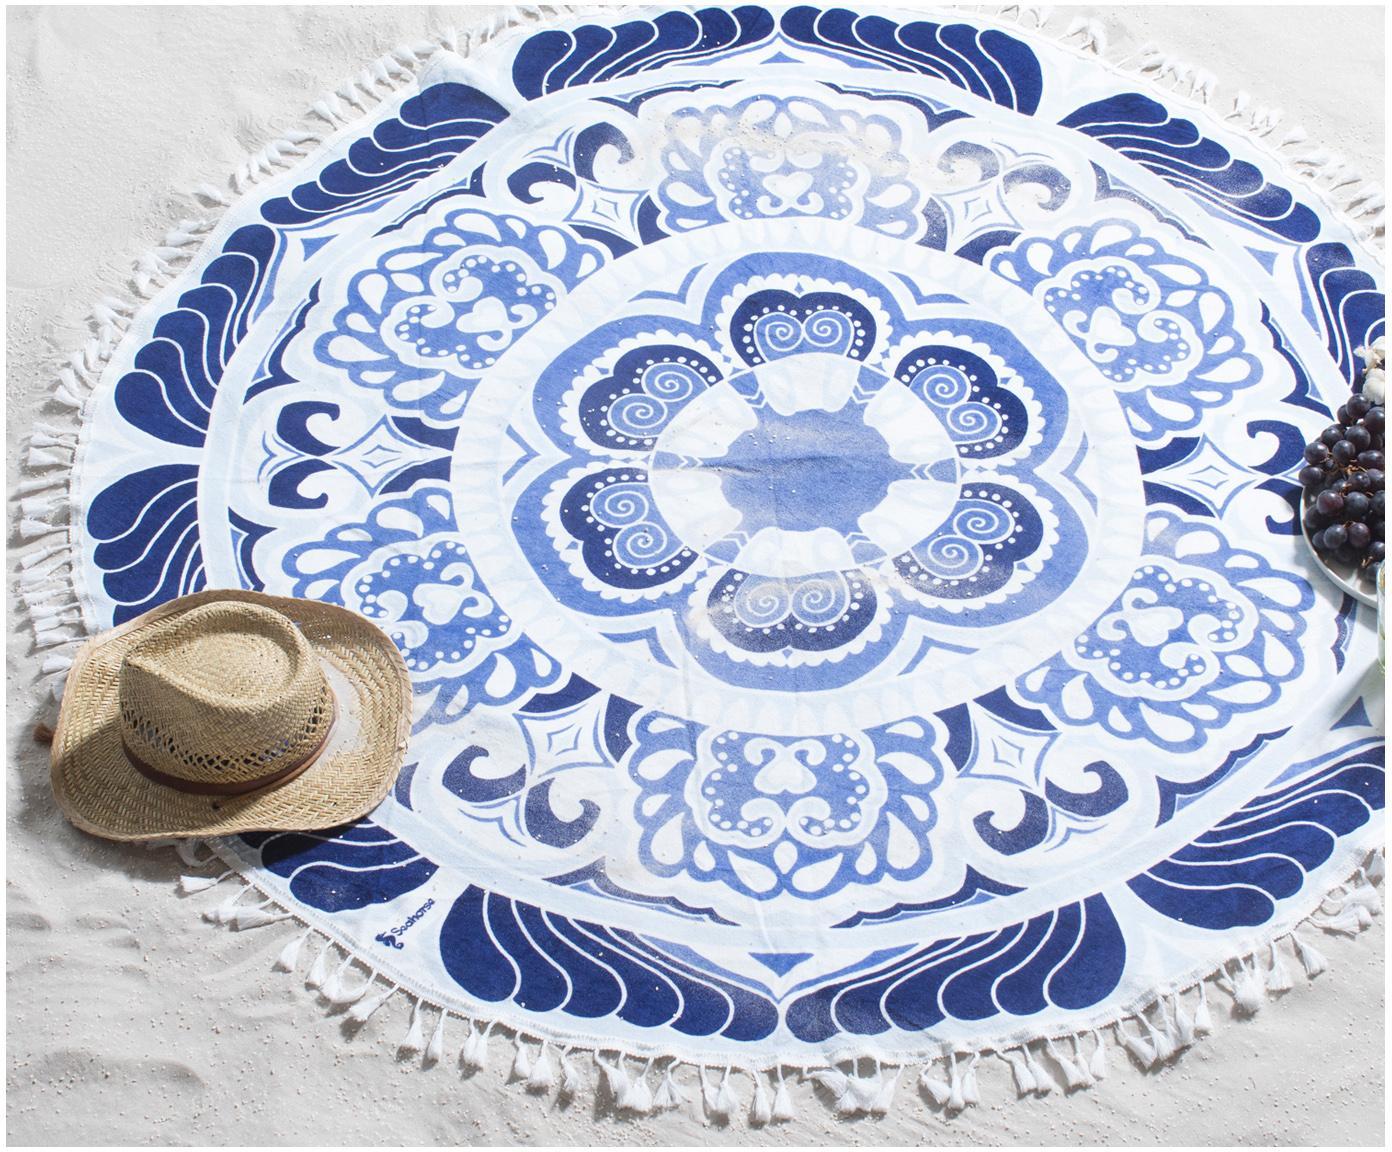 Ręcznik plażowy Carouse, Odcienie niebieskiego, biały, Ø 150 cm